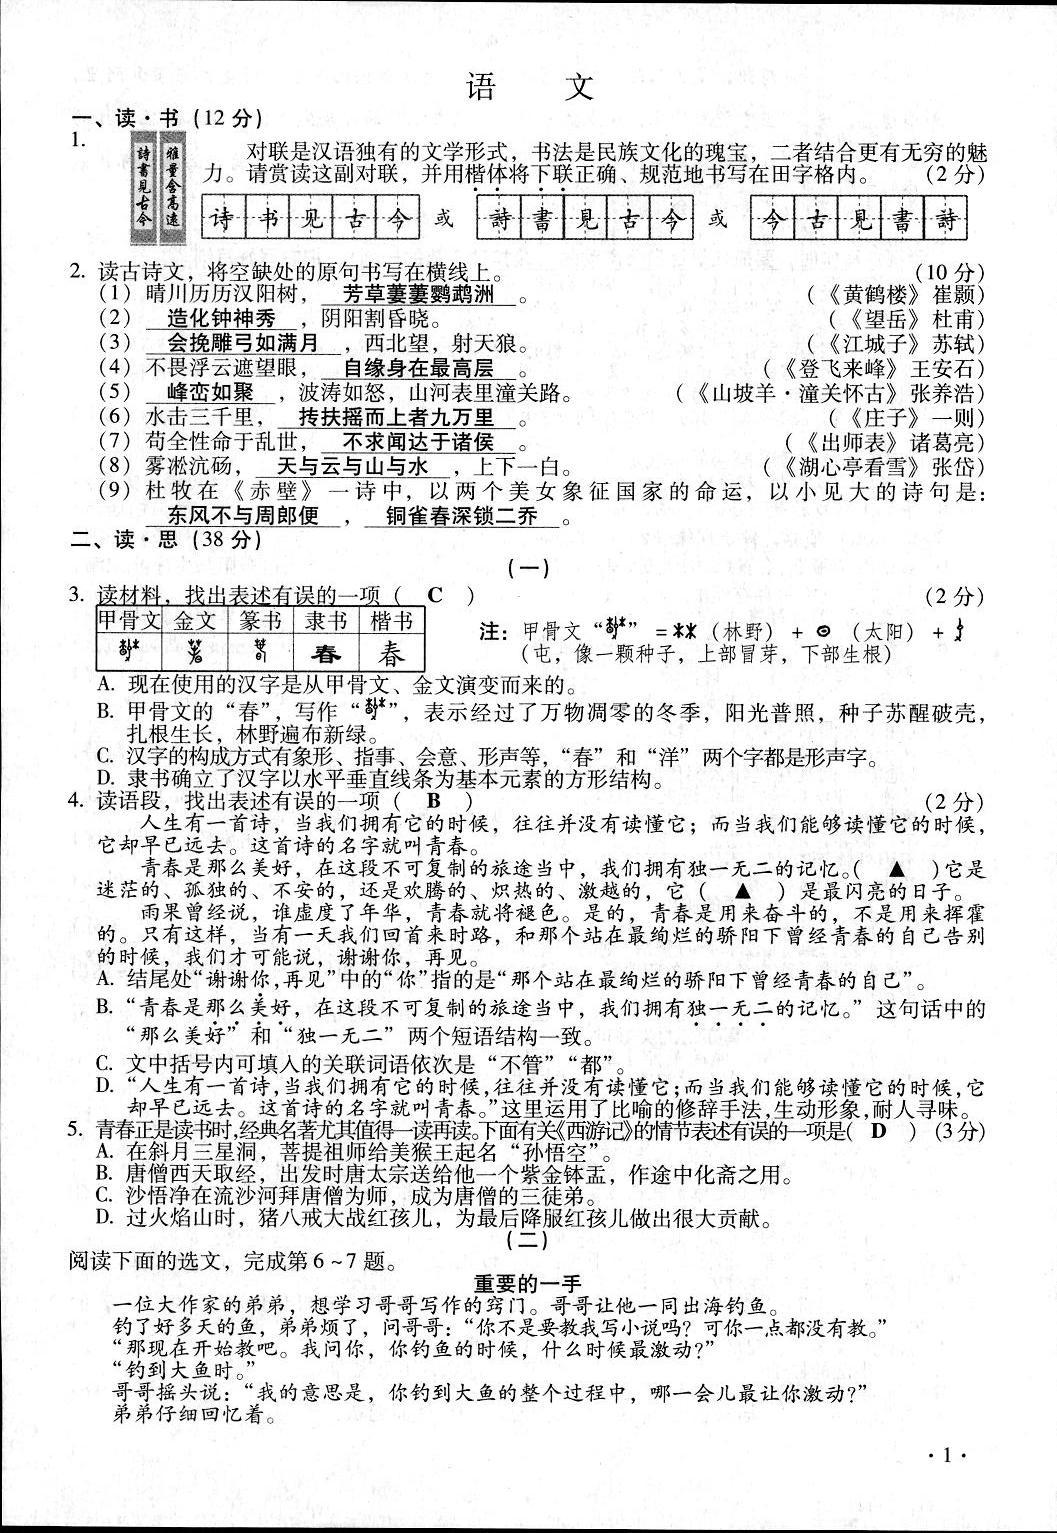 2017山西中考语文试题及答案解析(图片版)